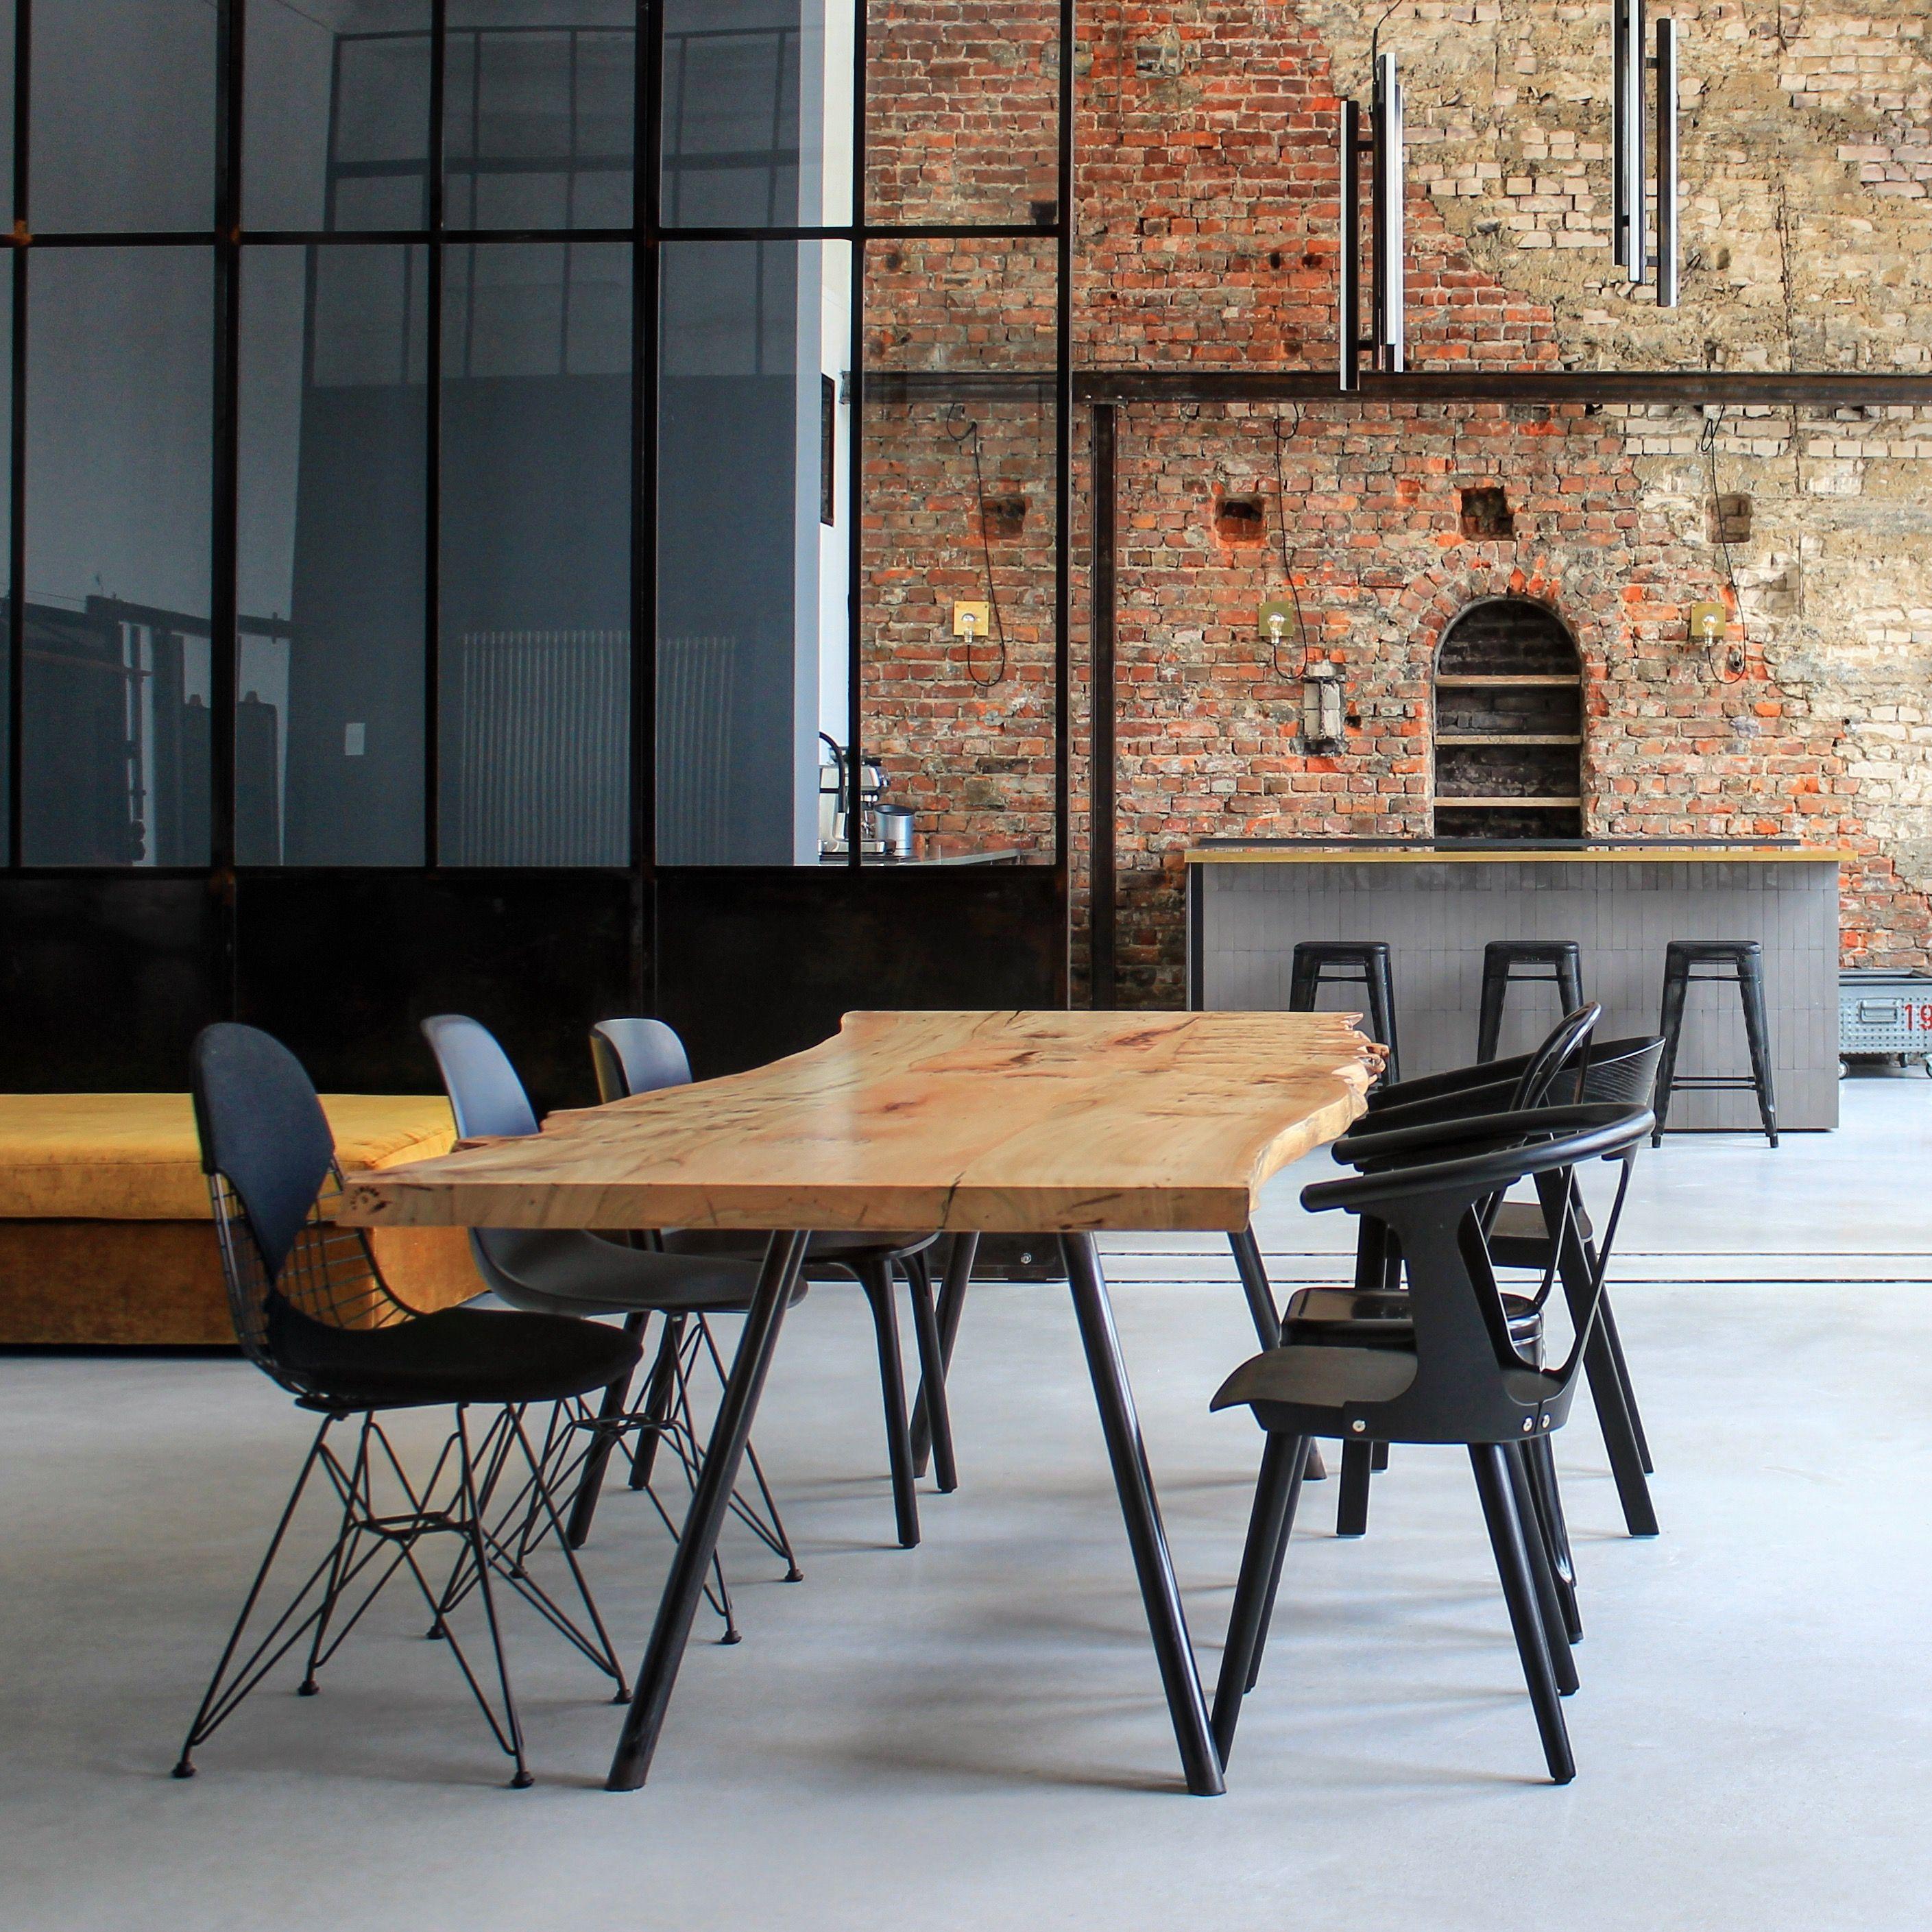 Massivholztisch Esstisch Holztisch Table Dinningtable Interior Loft ...